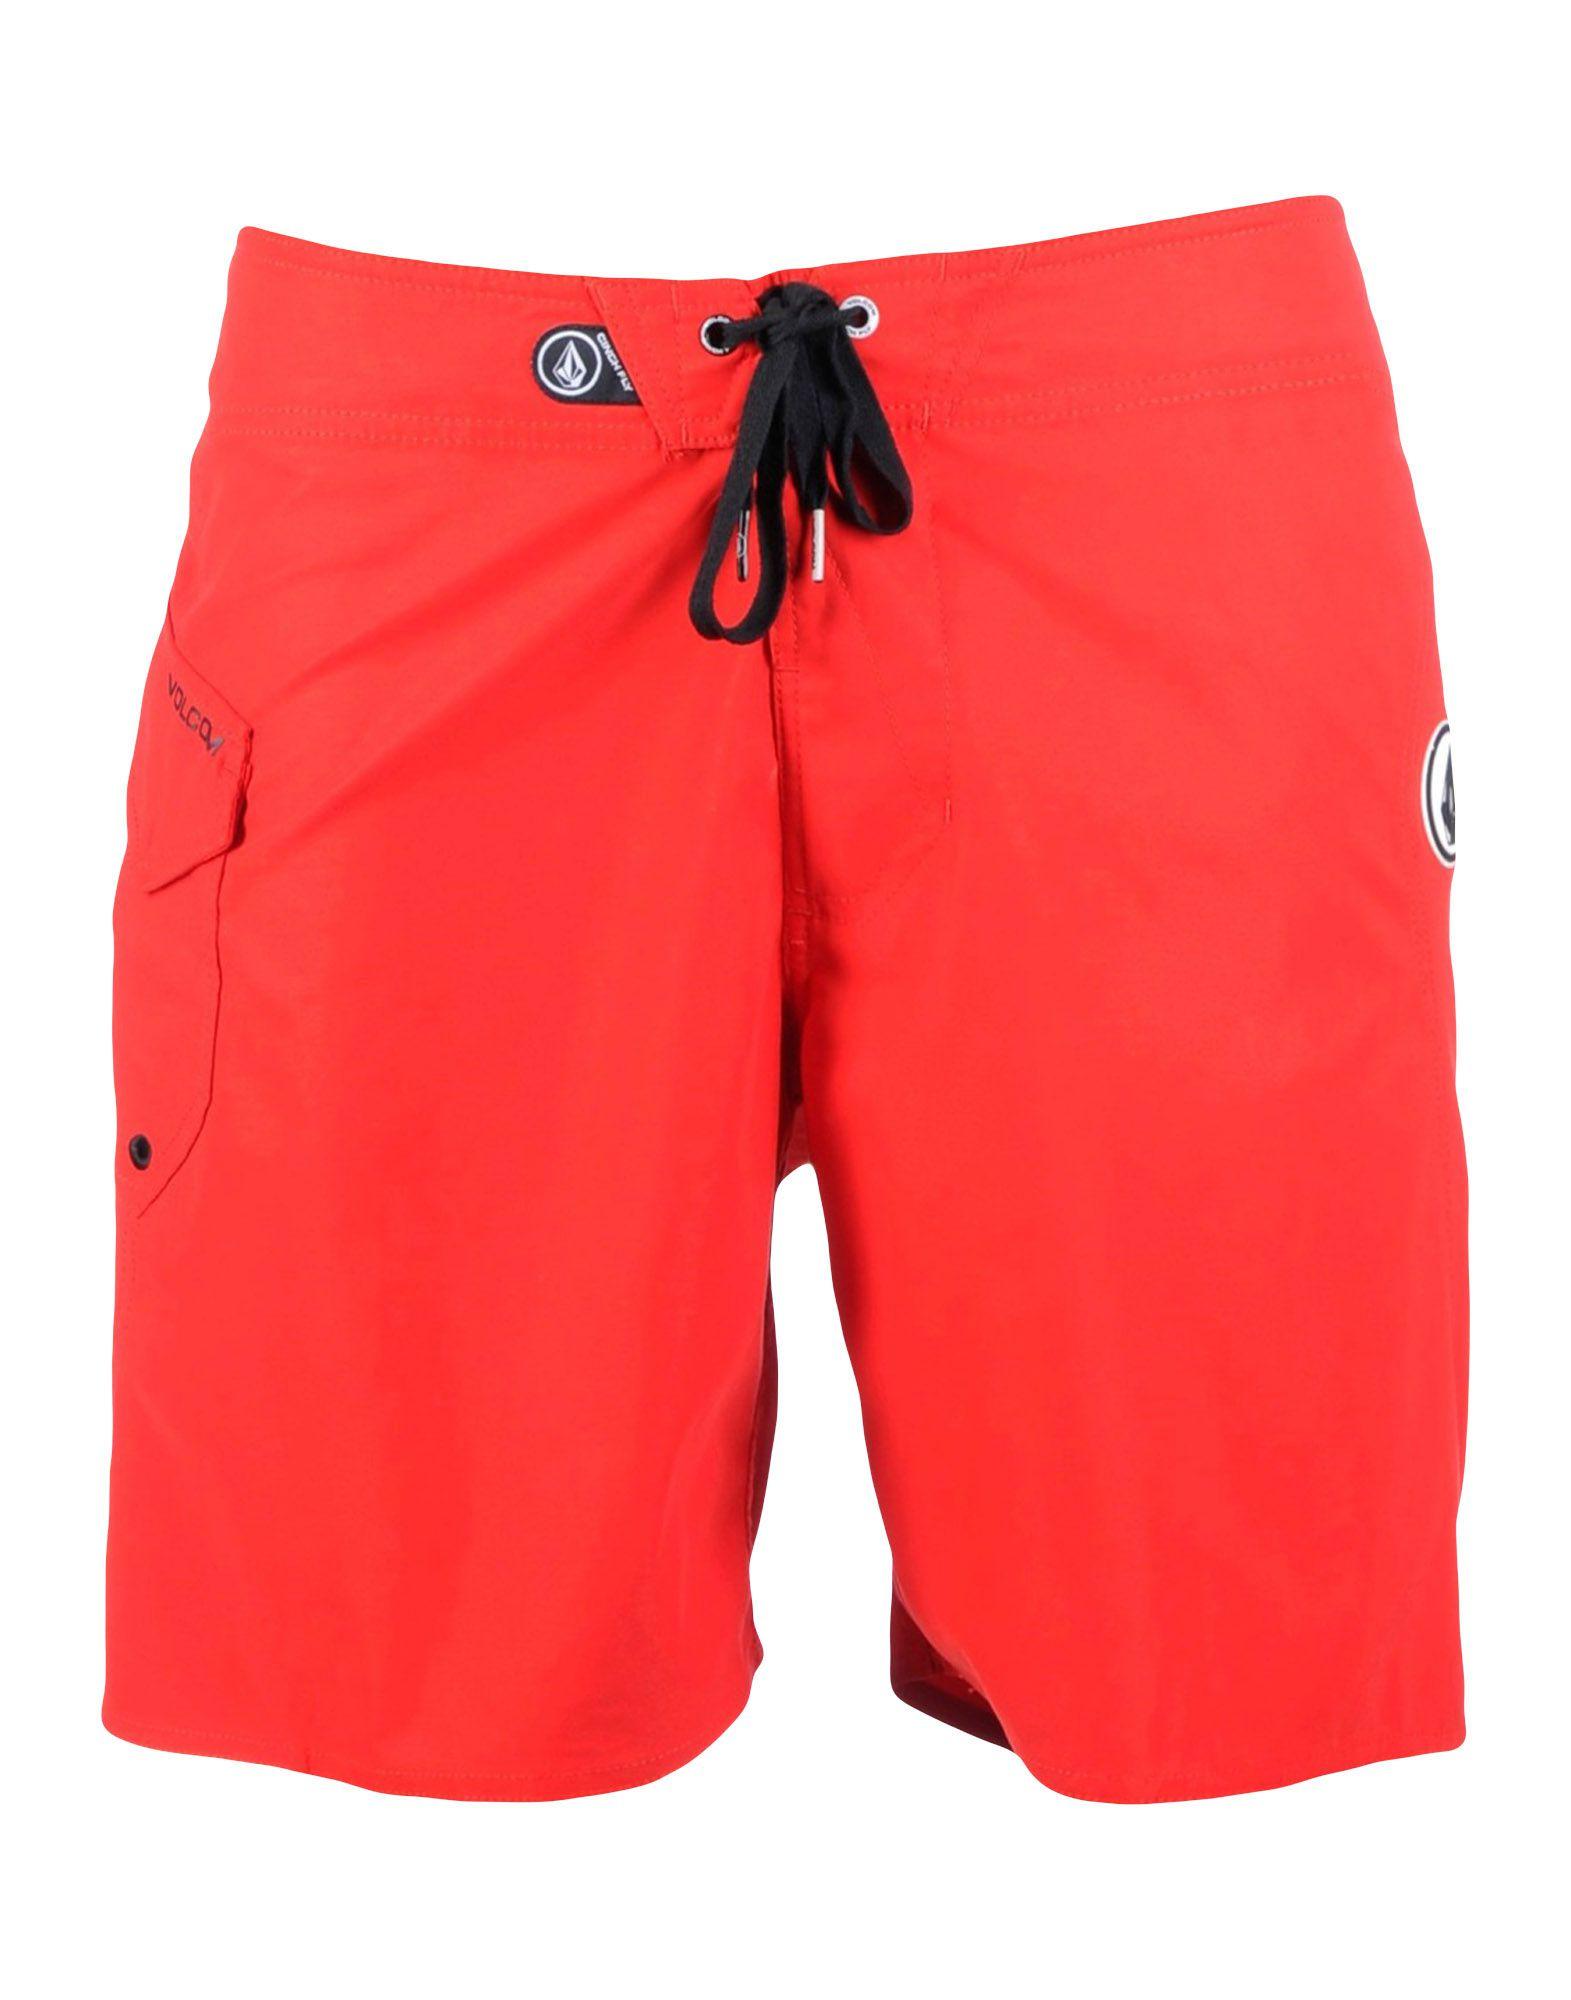 volcom шорты volcom chili chocker rince 32 VOLCOM Пляжные брюки и шорты